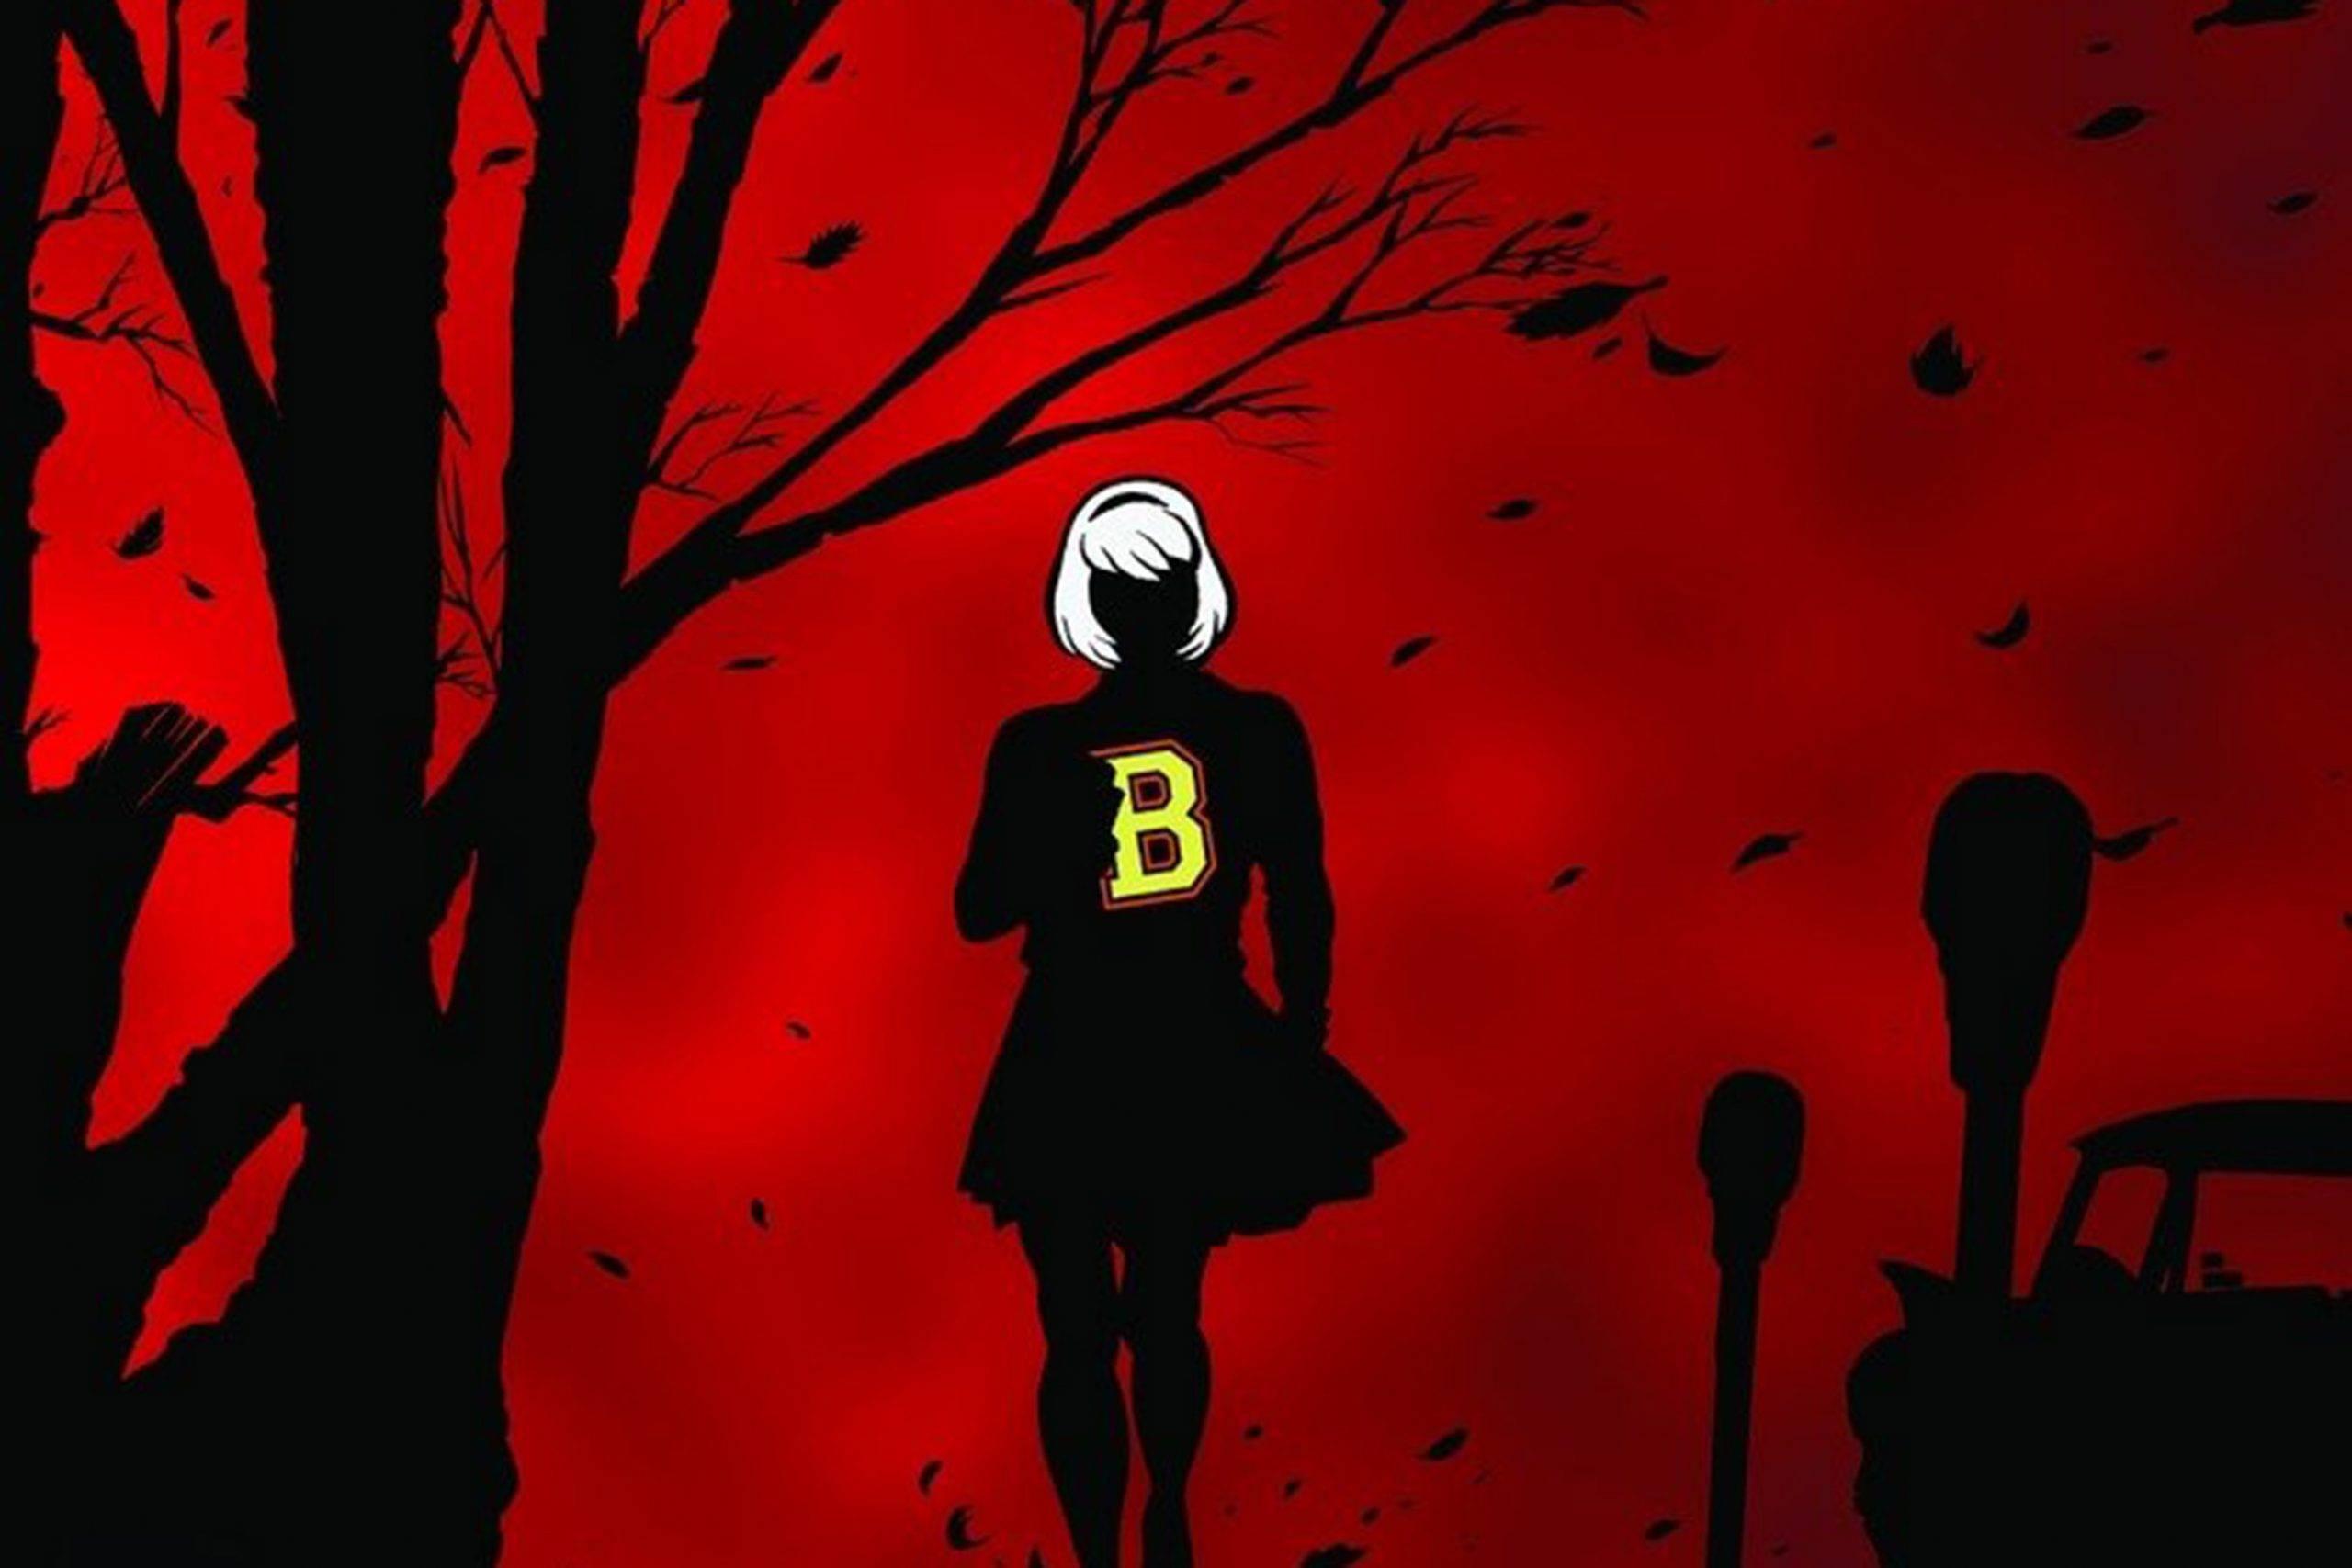 Netflix приобрёл права на мрачный перезапуск сериала про ведьму Сабрину